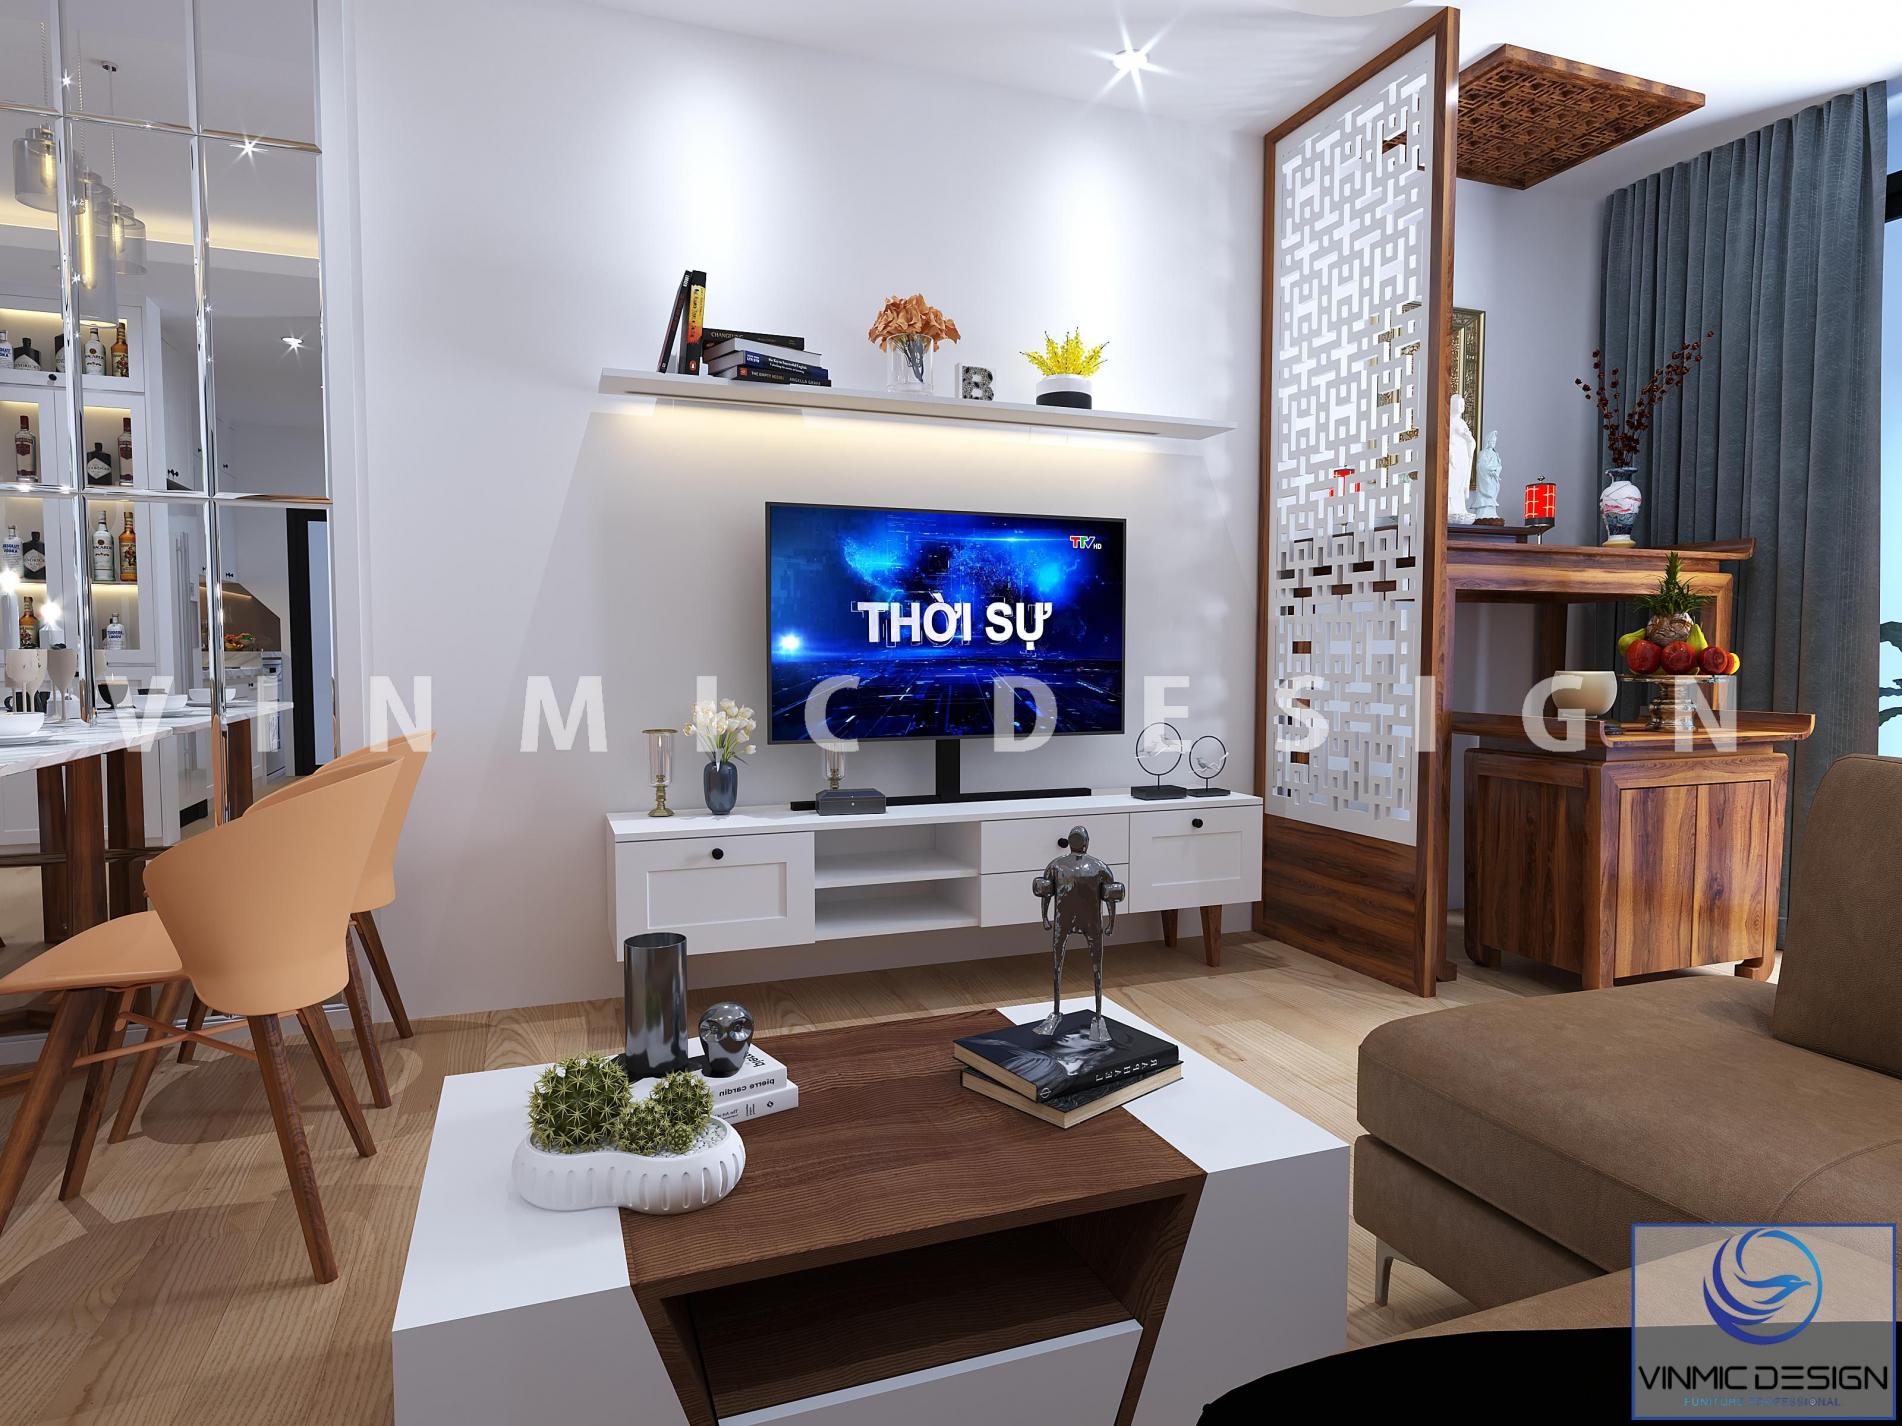 Thiết kế nội thất phòng khách cho căn hộ chung cư nhỏ